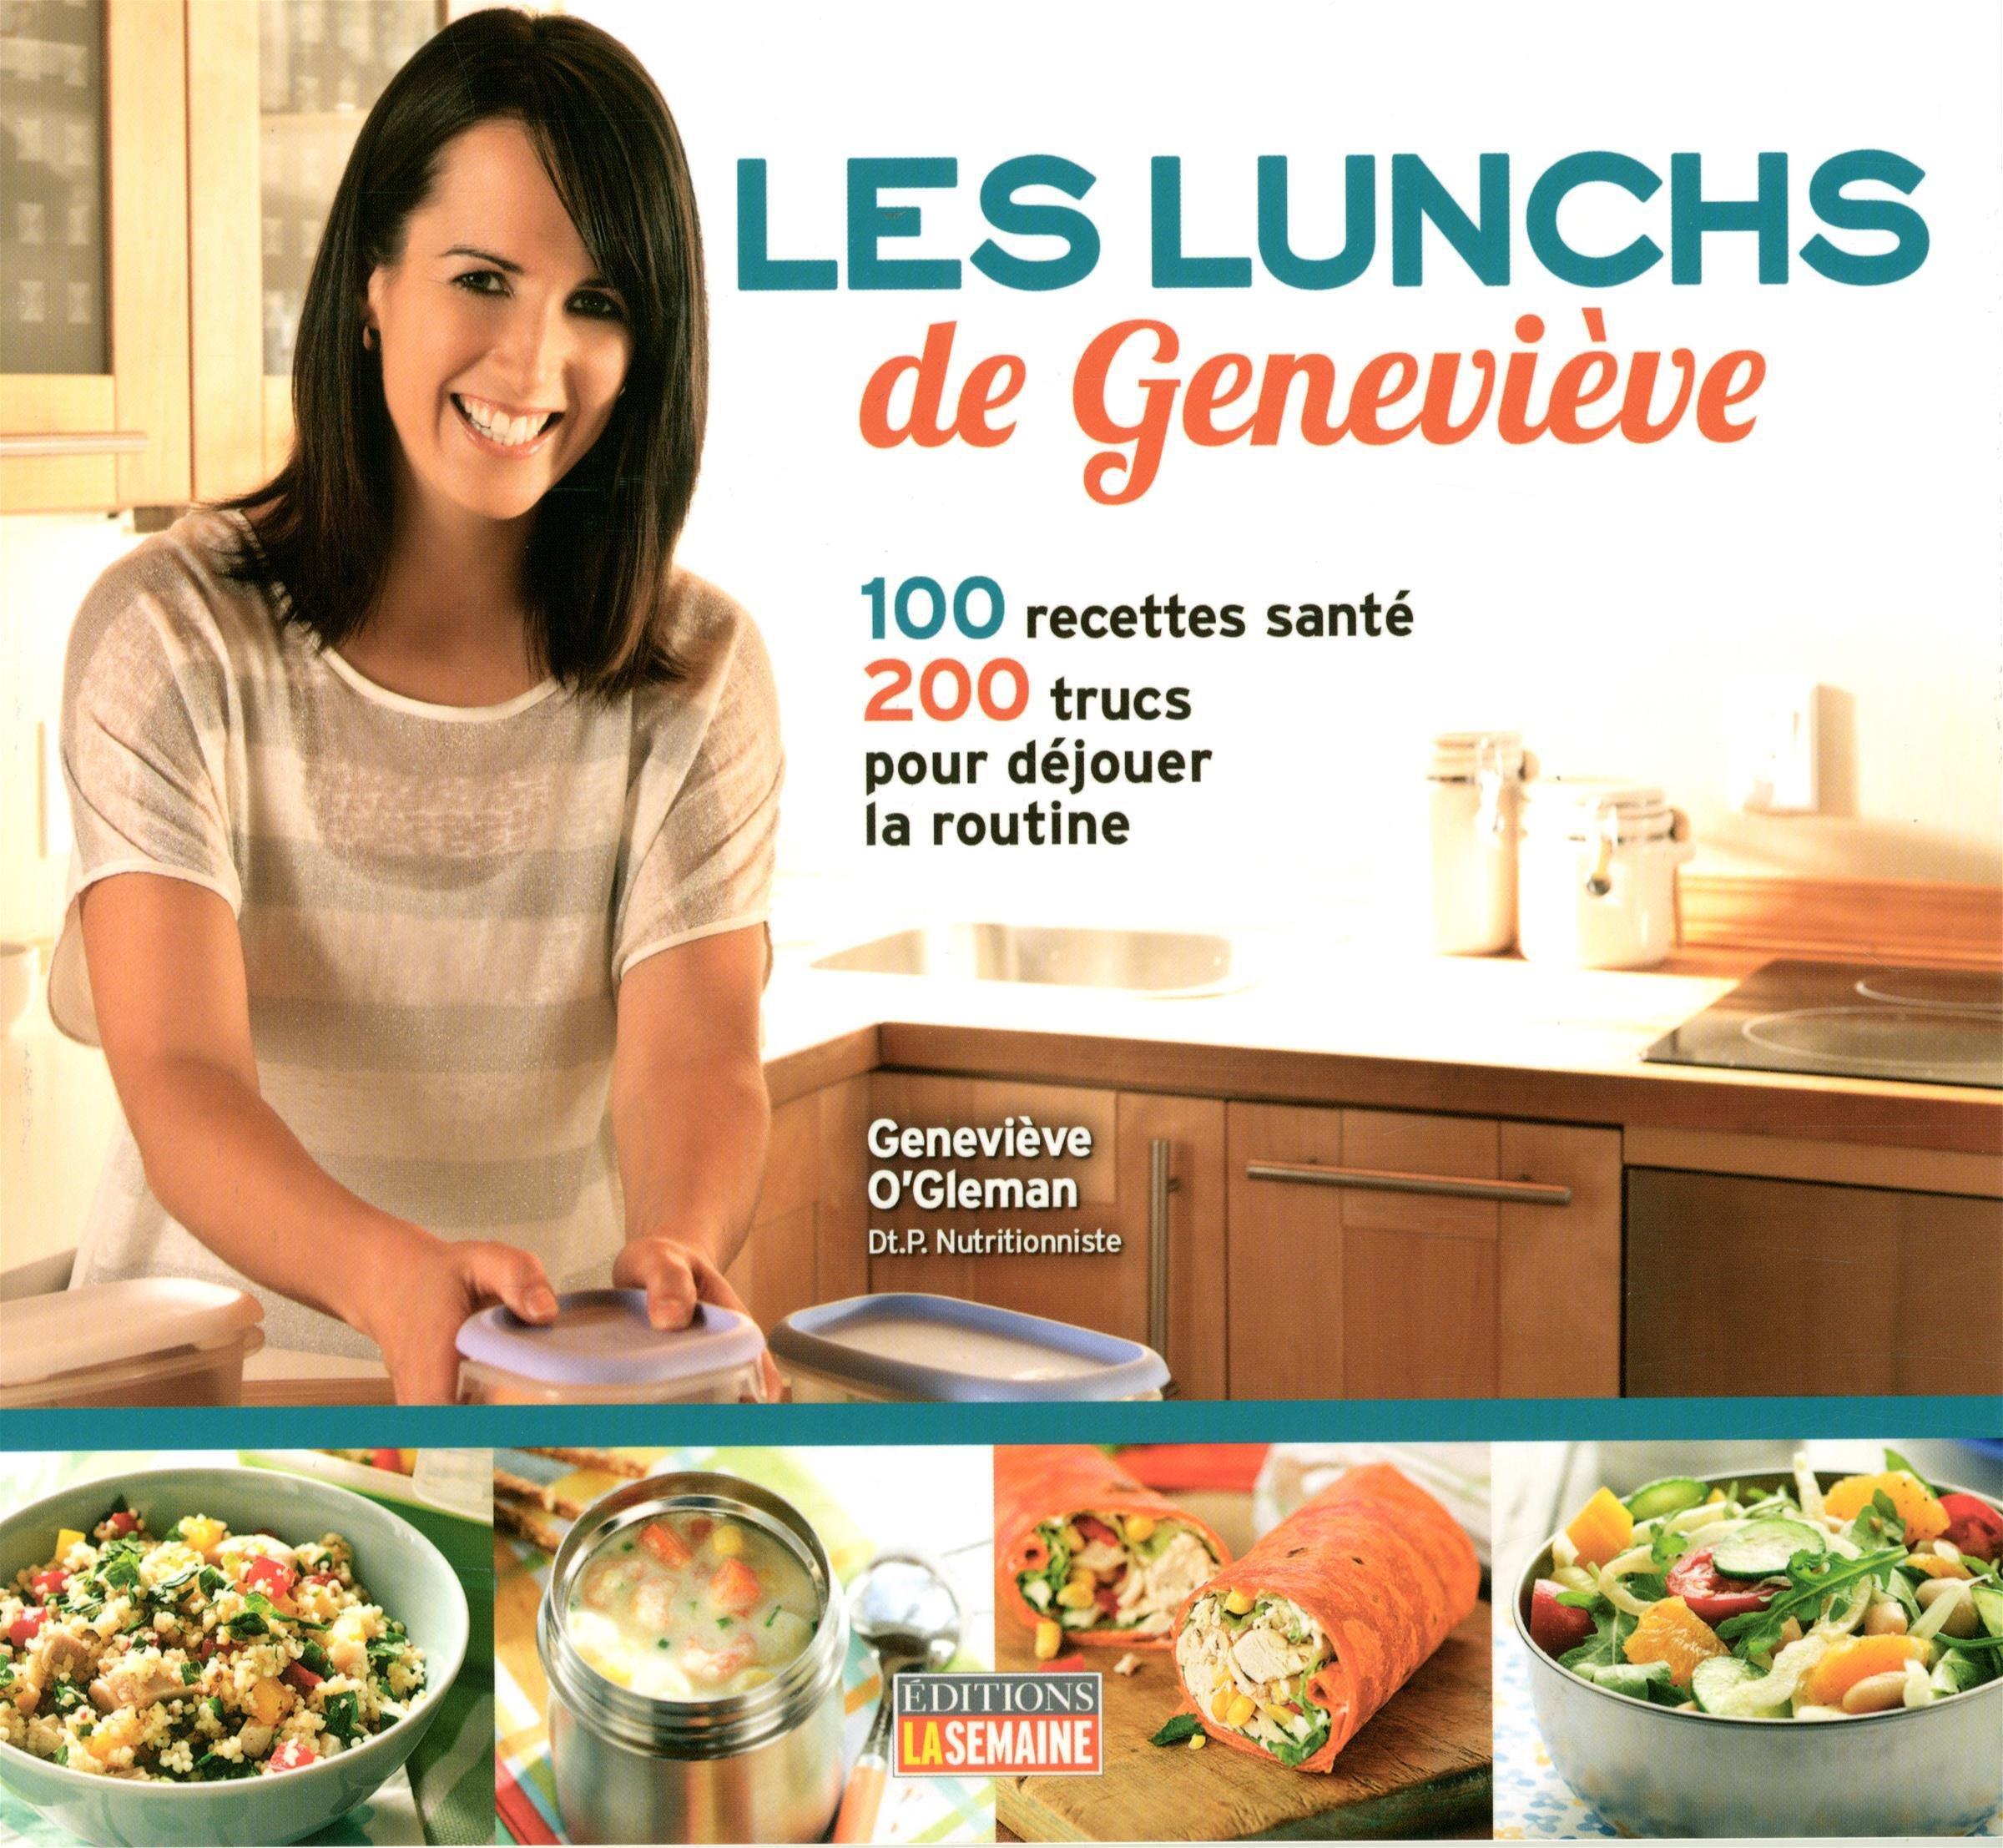 Les lynchs de Geneviève : 100 recettes santé, 200 trucs pour déjouer la routine